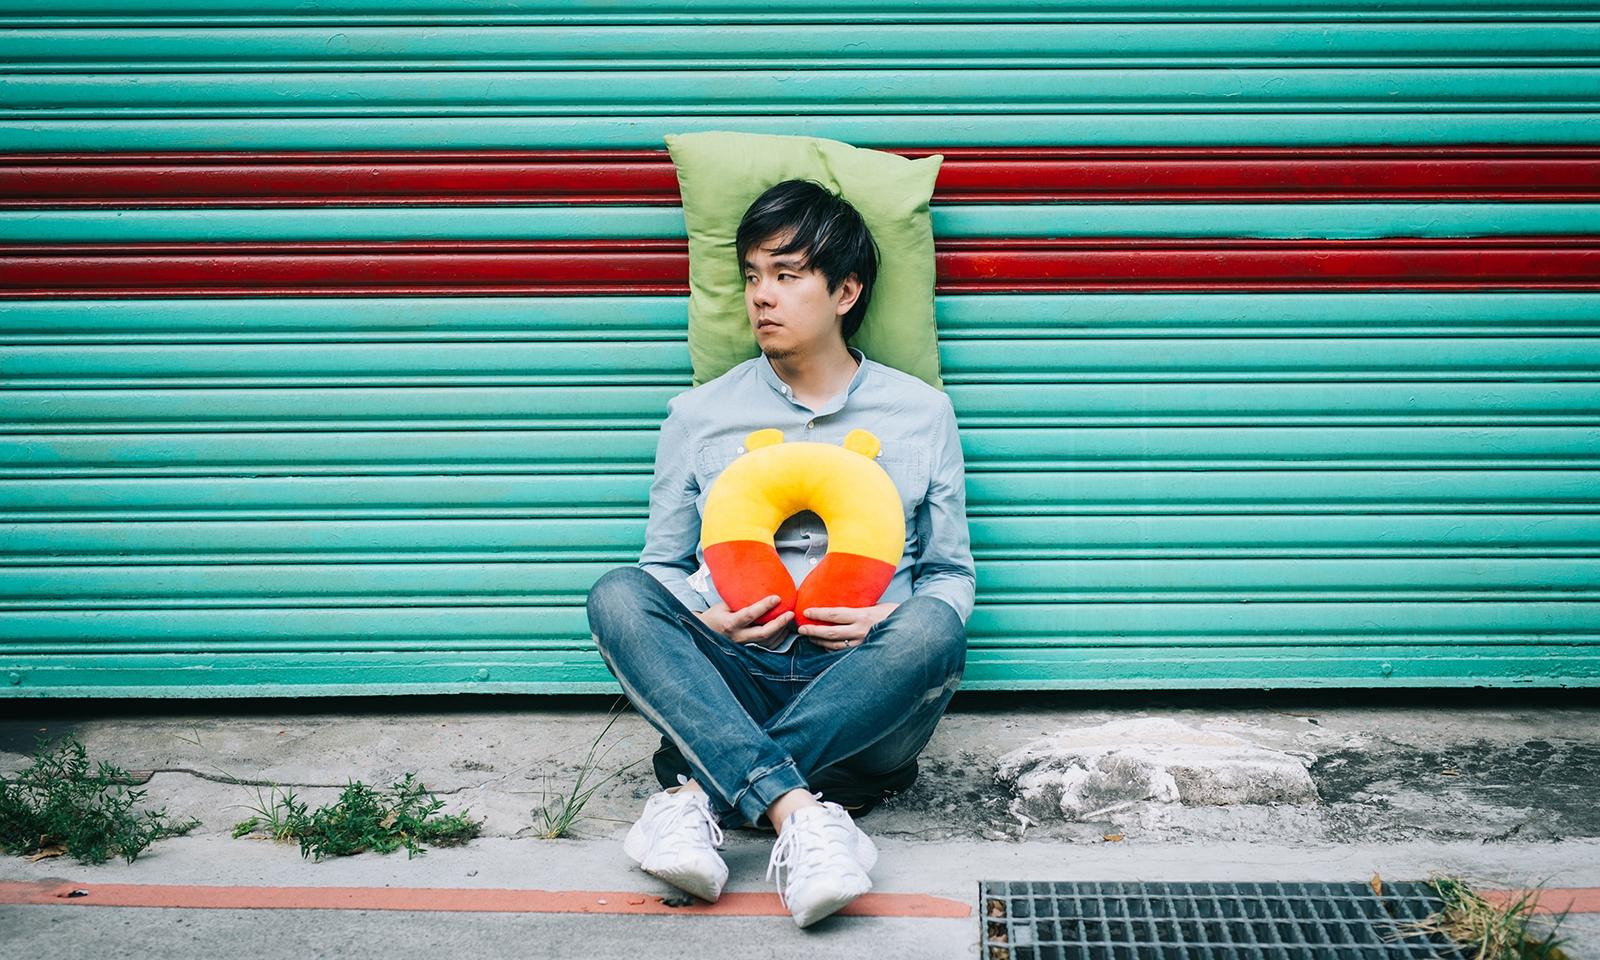 後休刊生活  愛著愛著就永遠,陳玠安的音樂雜誌之路